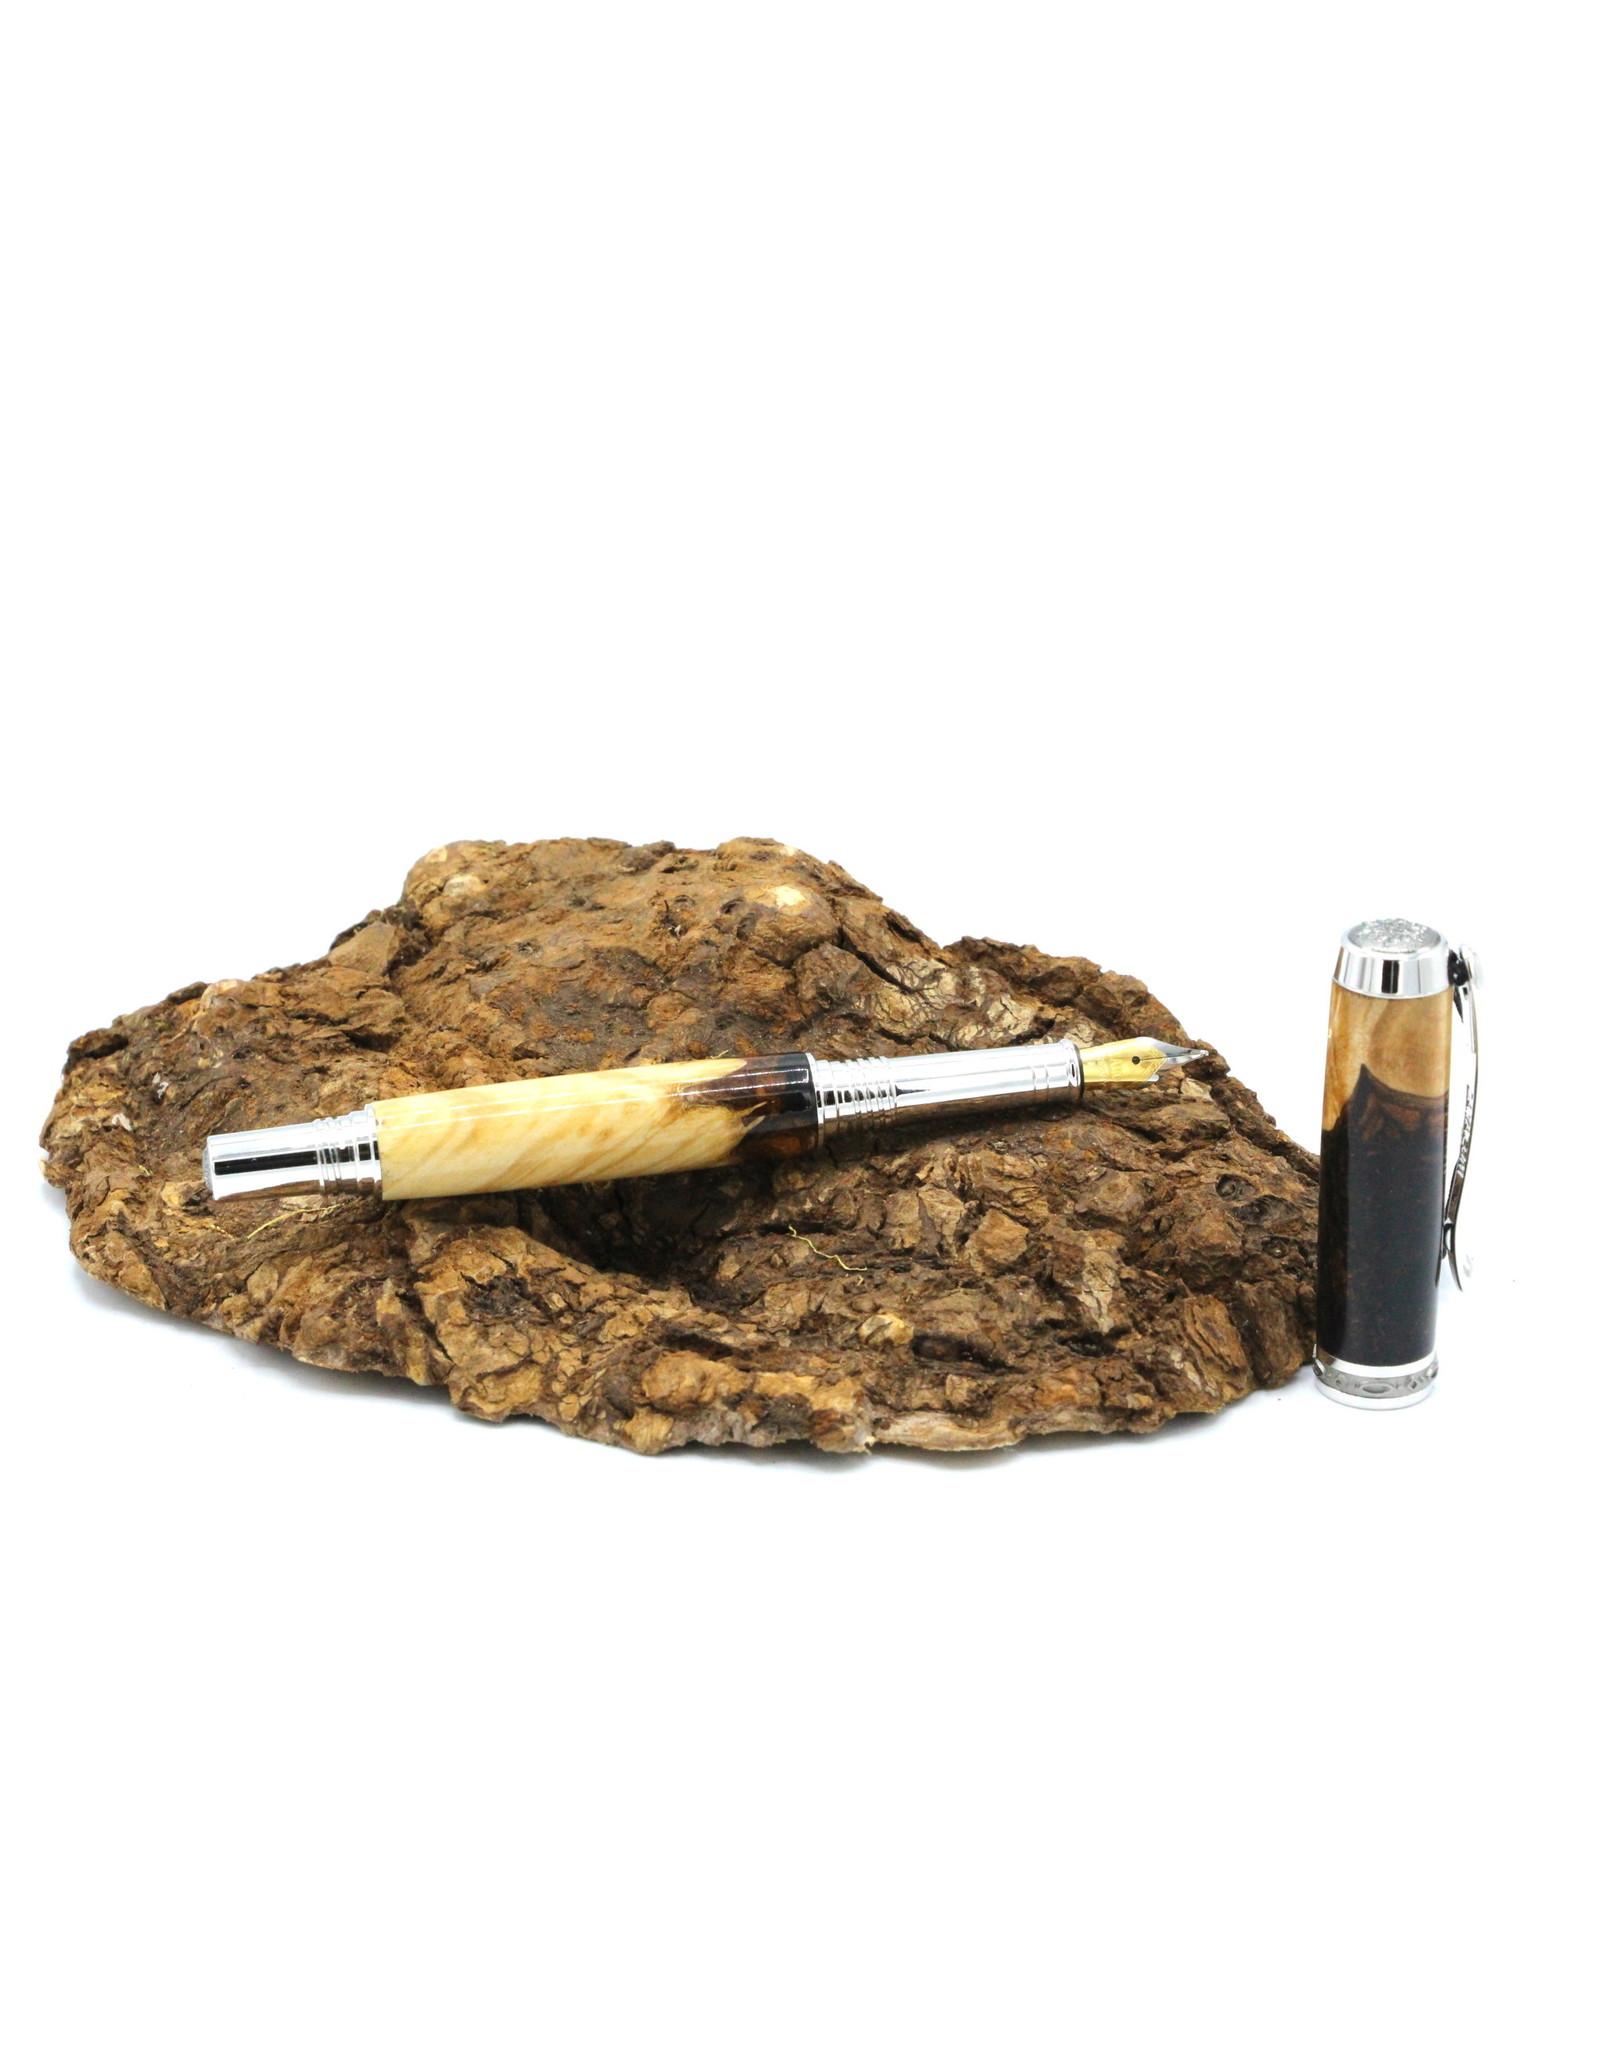 Maple Fountain Pen - Berezia